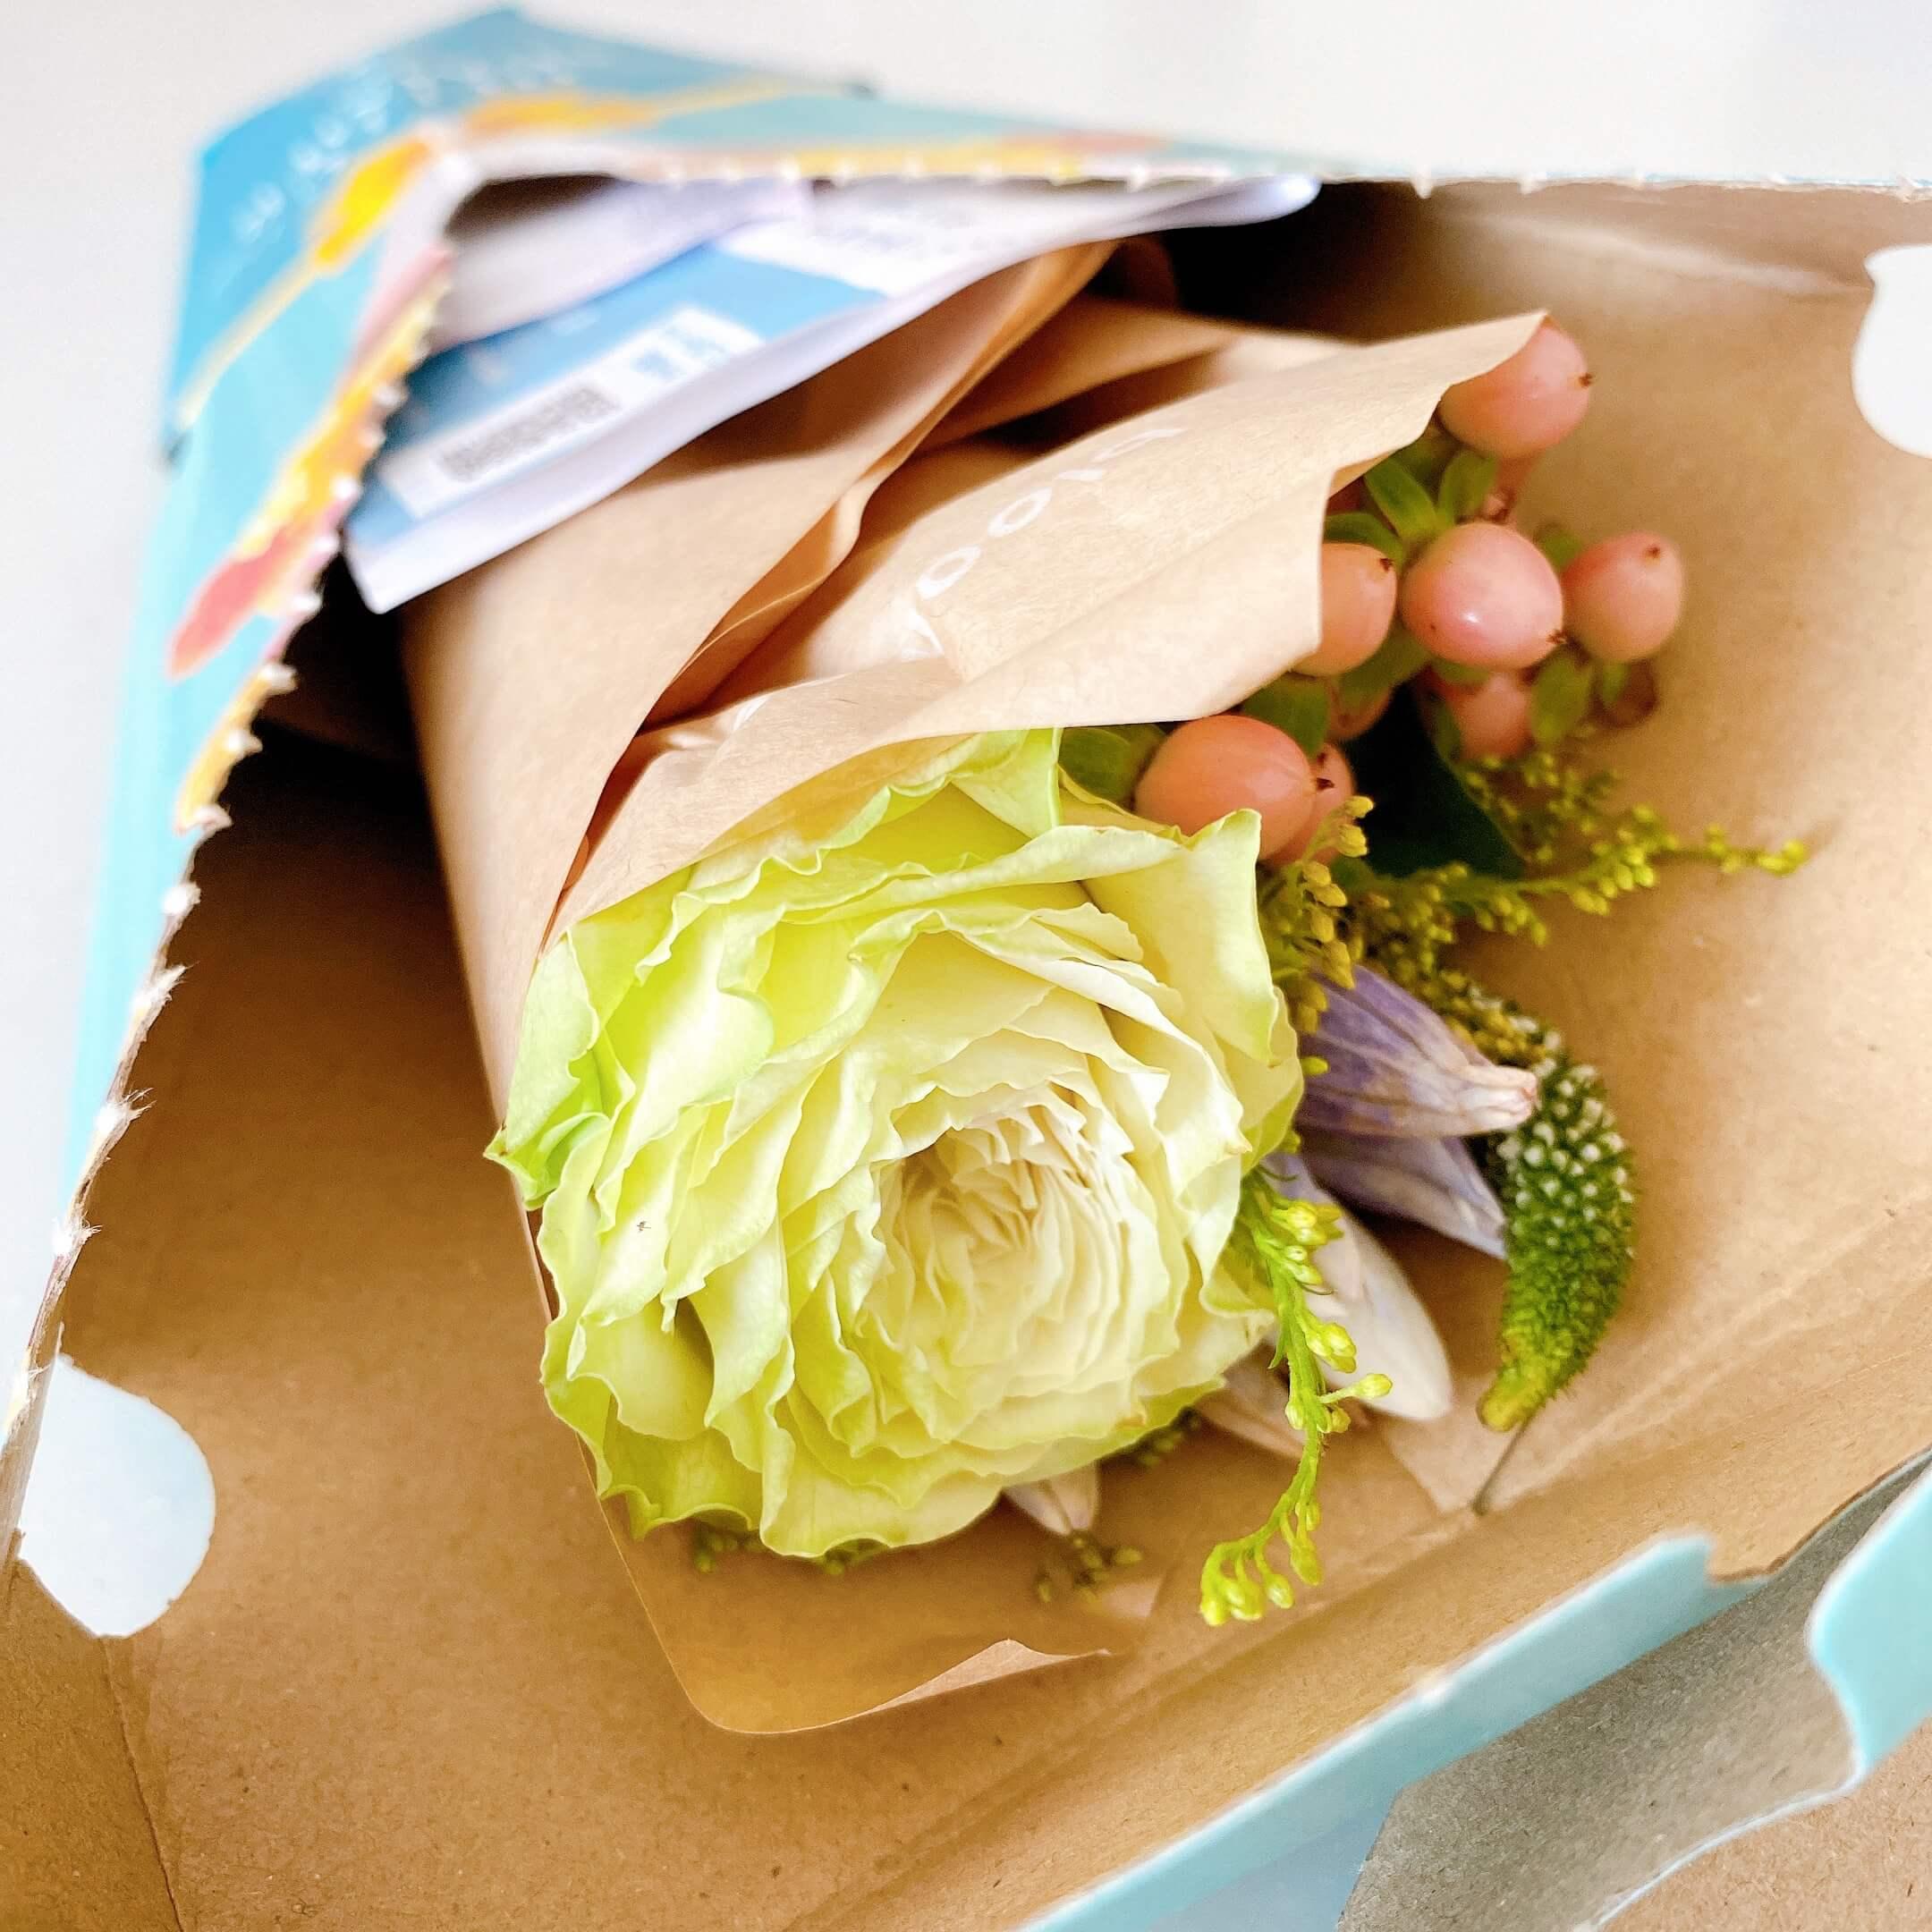 ブルーミーレギュラープランで届いたお花の様子